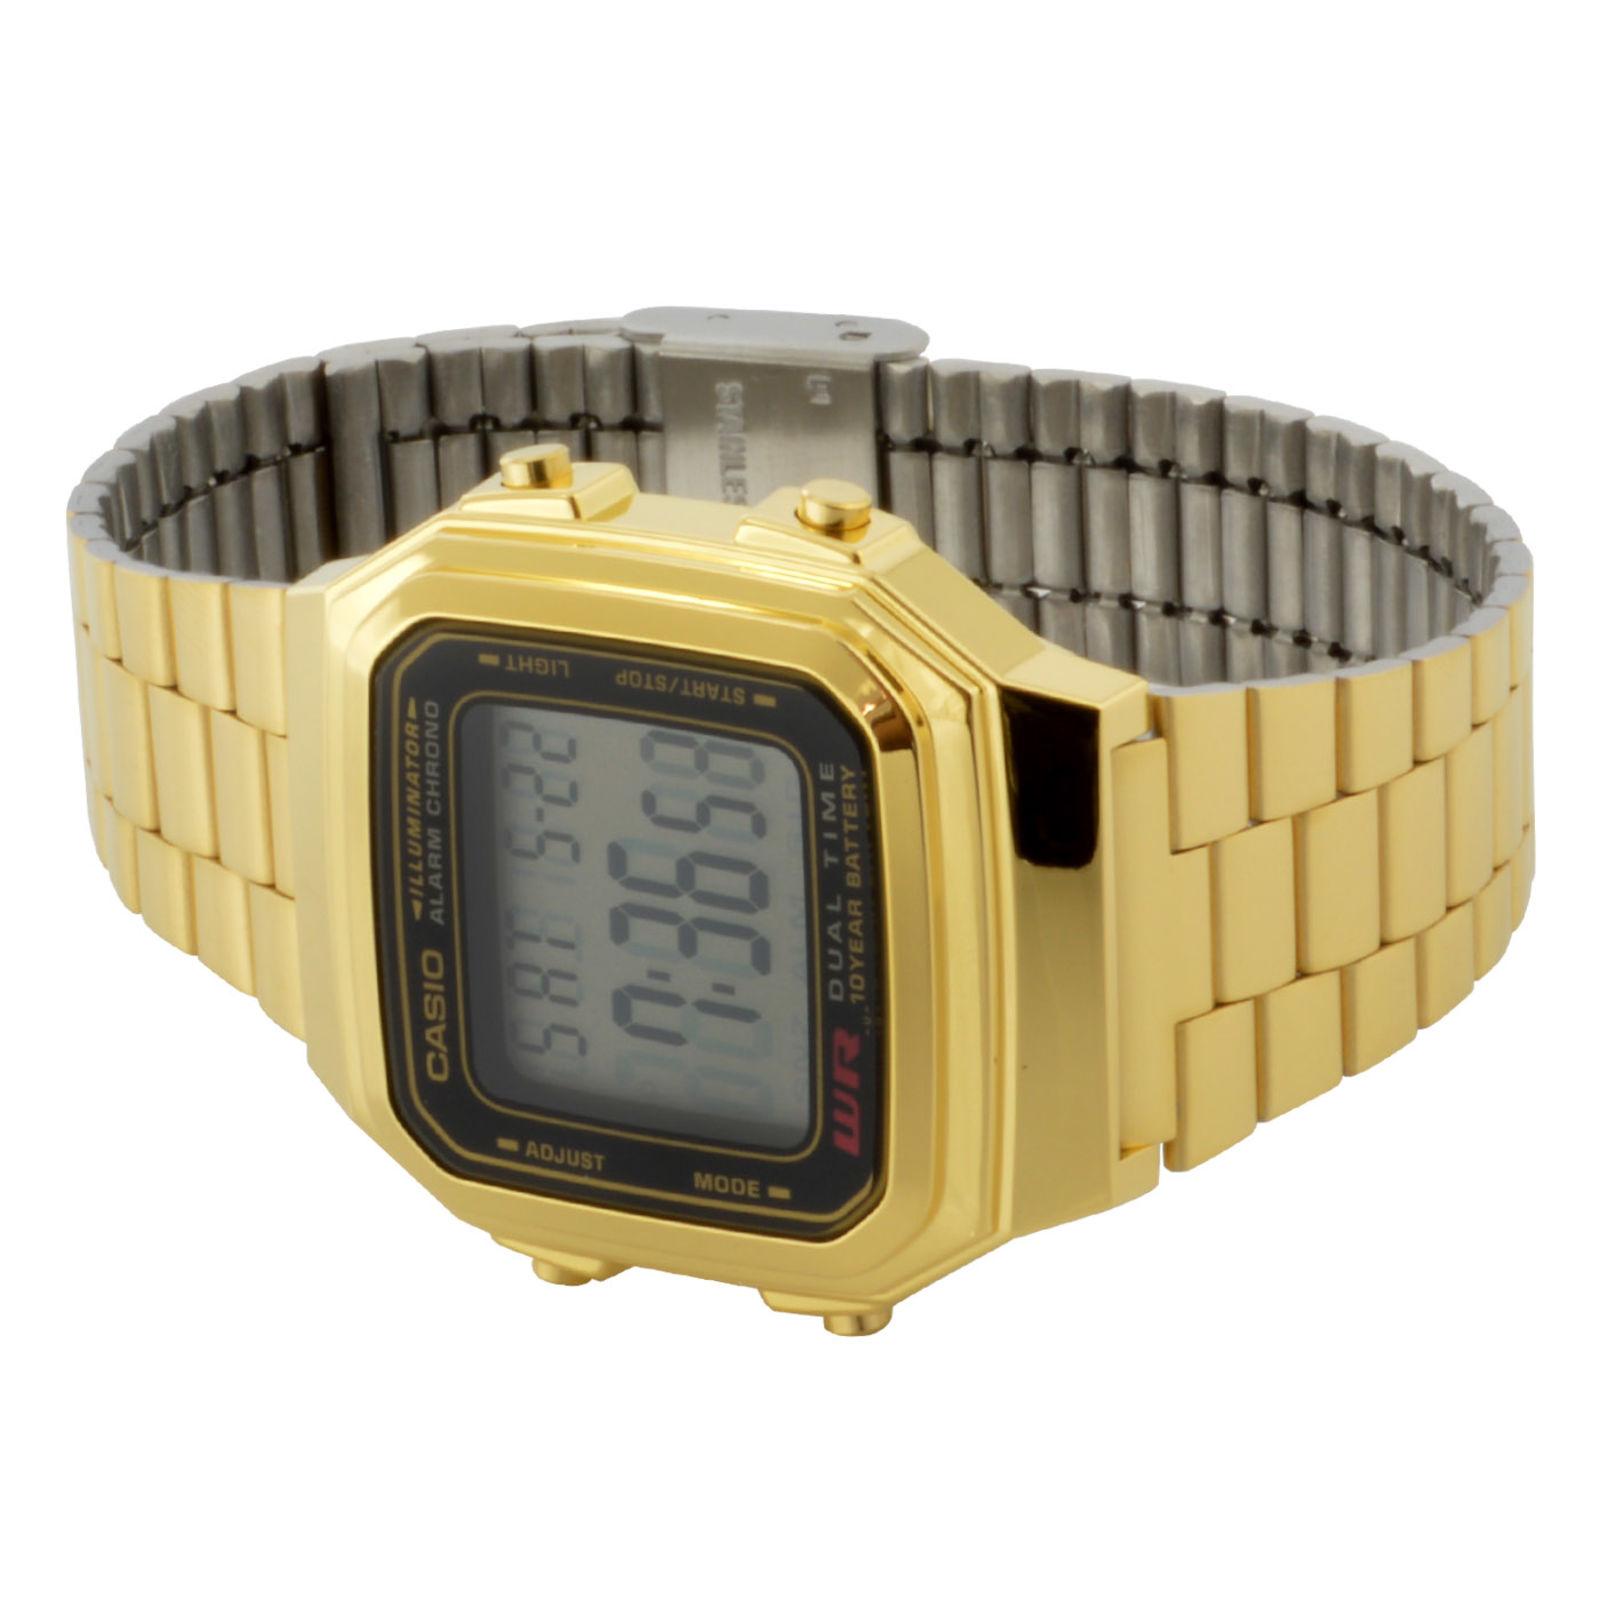 c3c6a425ef98 Reloj Casio retro dorado multifunción